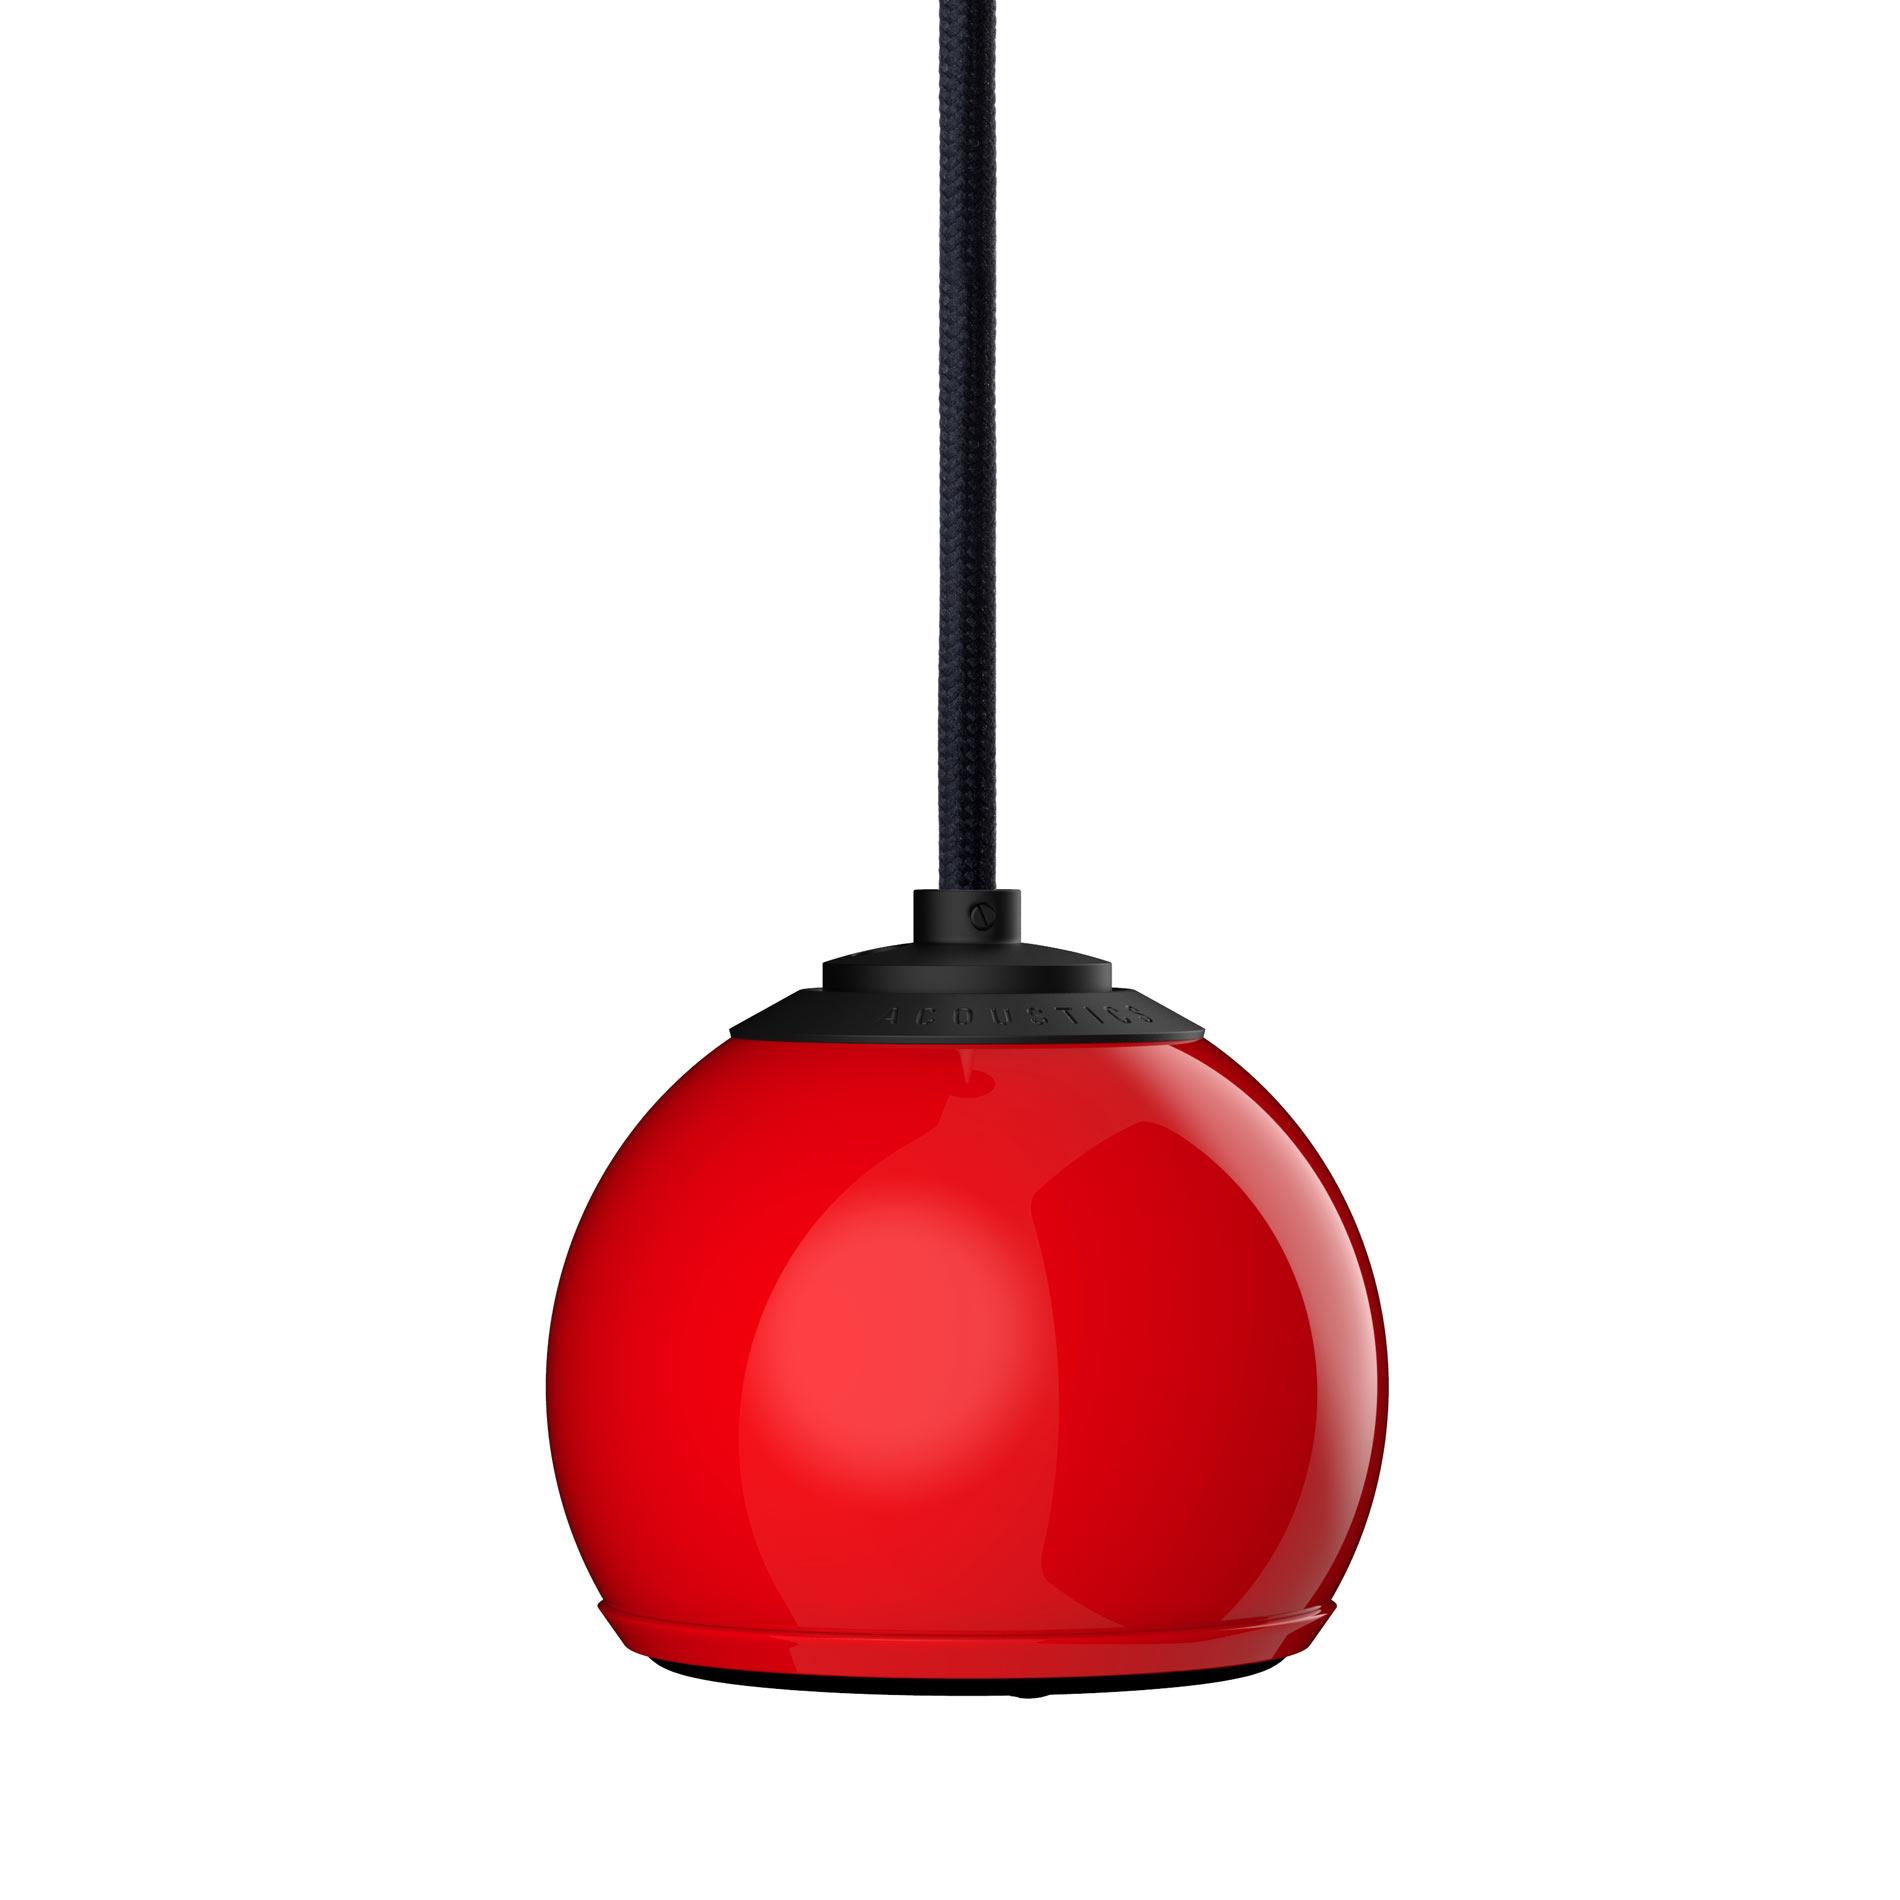 Micro-SE-Droplet-red.jpg